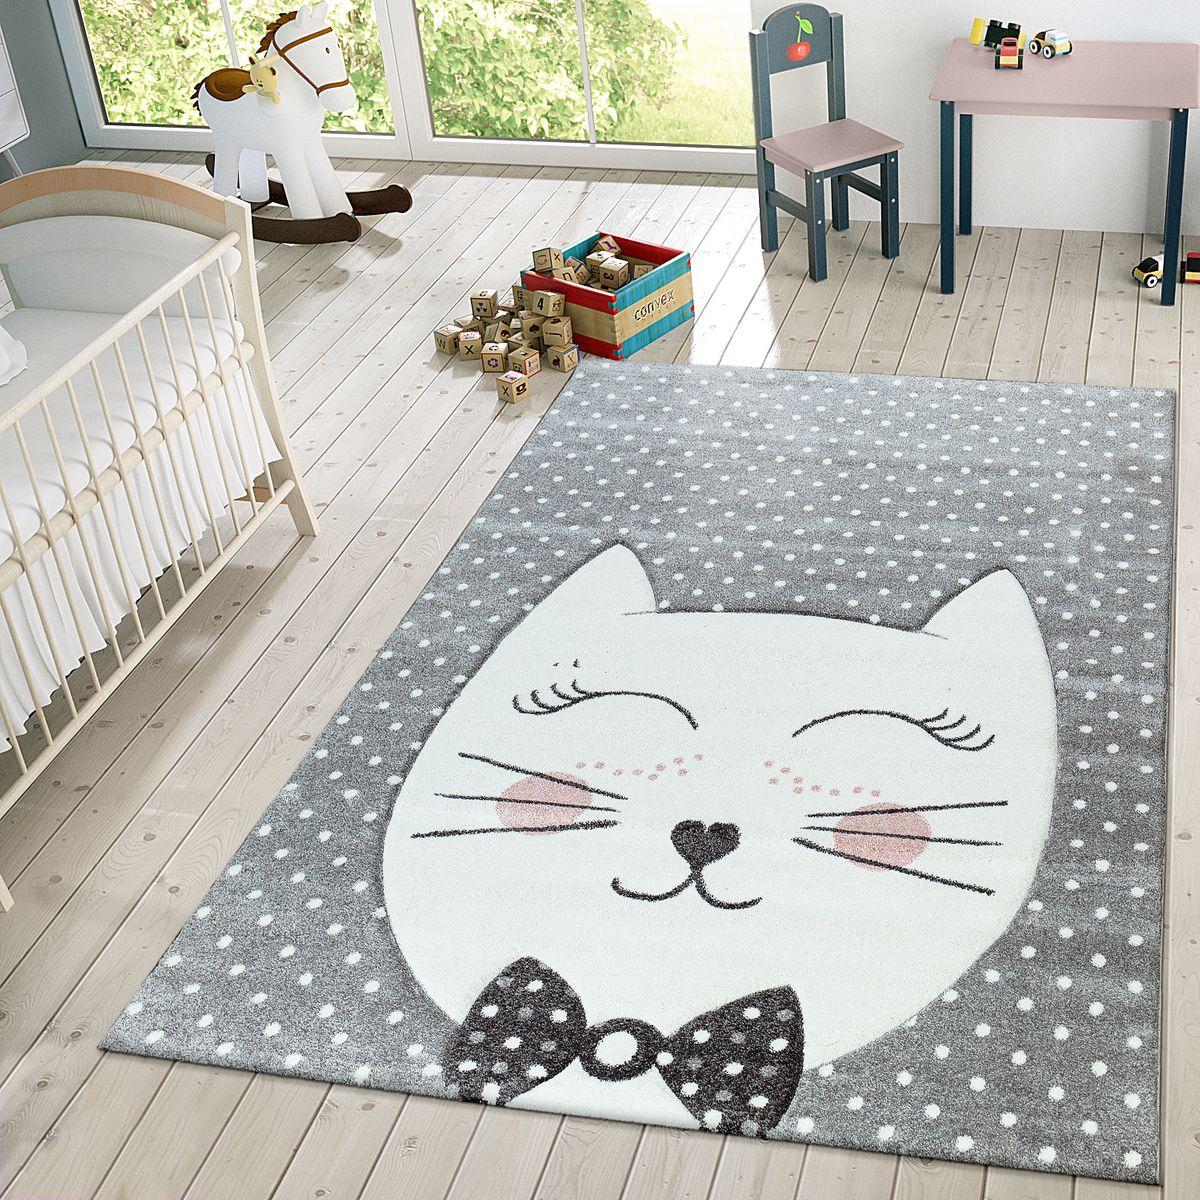 Full Size of Teppich Se Katze In Mehreren Farben Teppichmax Wohnzimmer Für Küche Kinderzimmer Regal Runder Esstisch Schlafzimmer Bad Steinteppich Badezimmer Kinderzimmer Runder Teppich Kinderzimmer